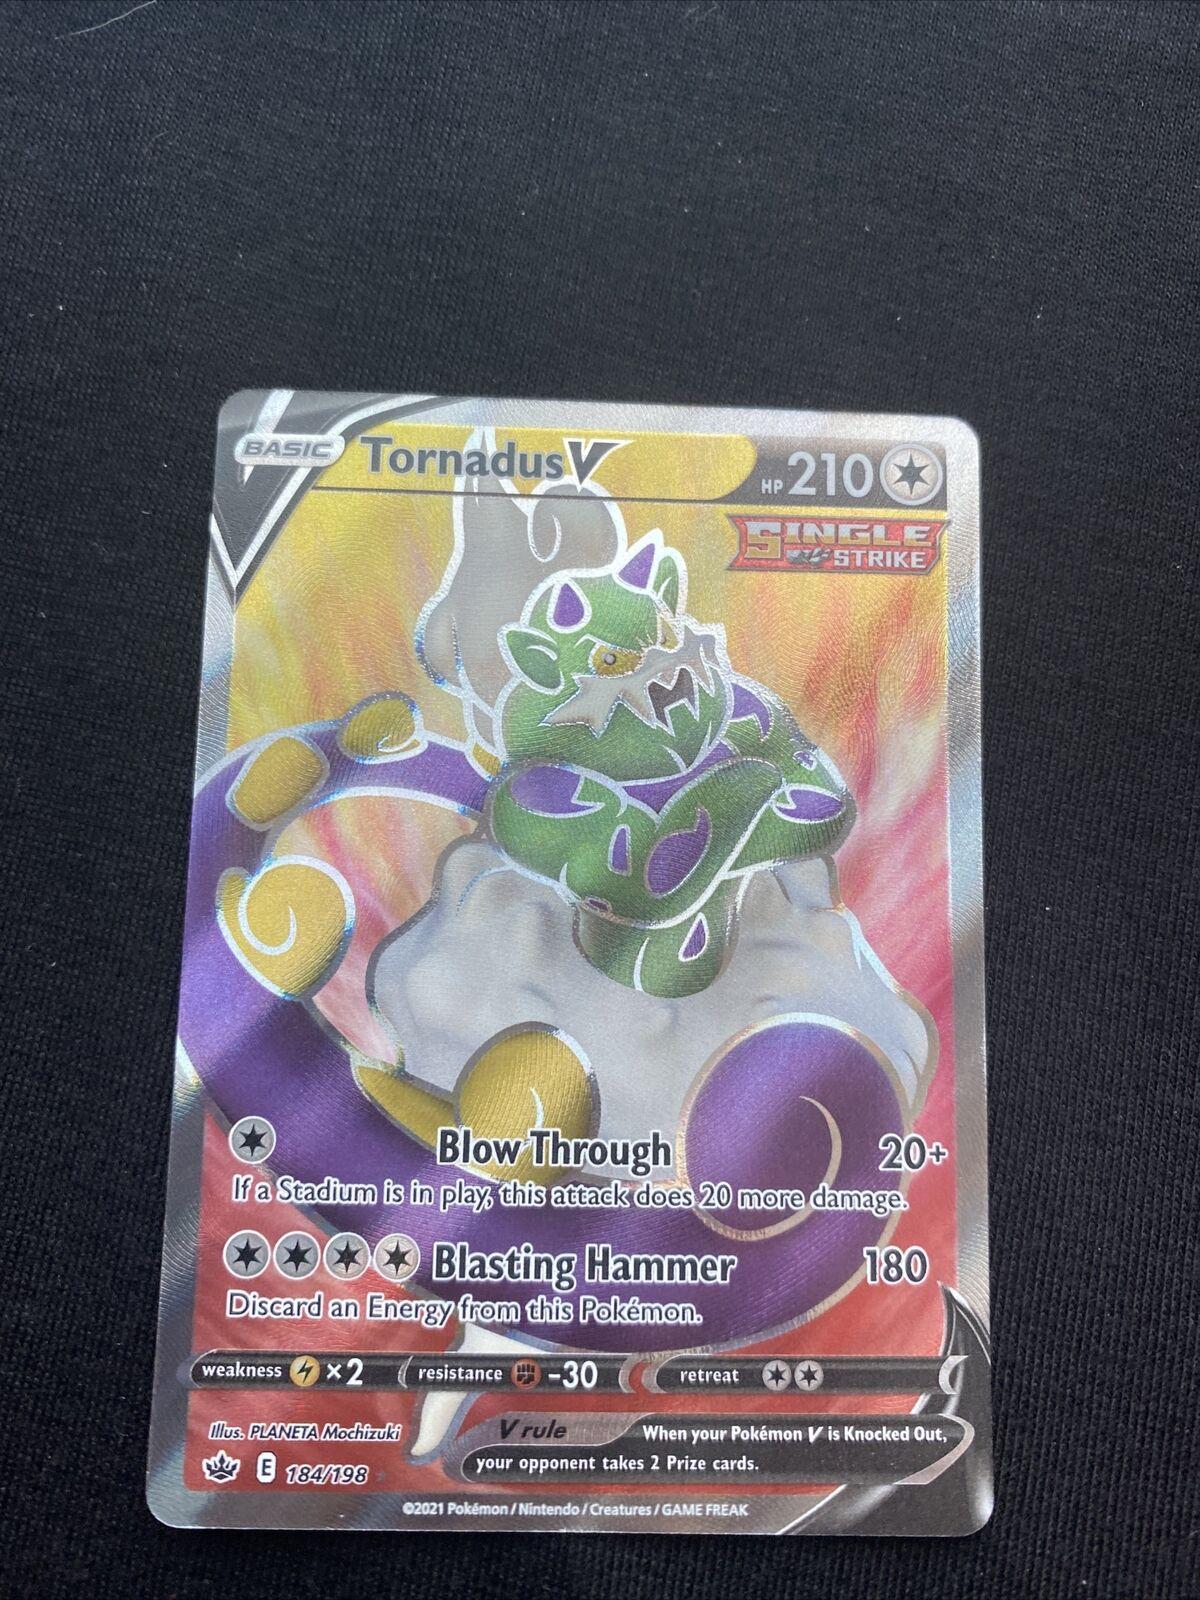 Tornadus V Full Art English Pokemon Card Chilling Reign 184/198